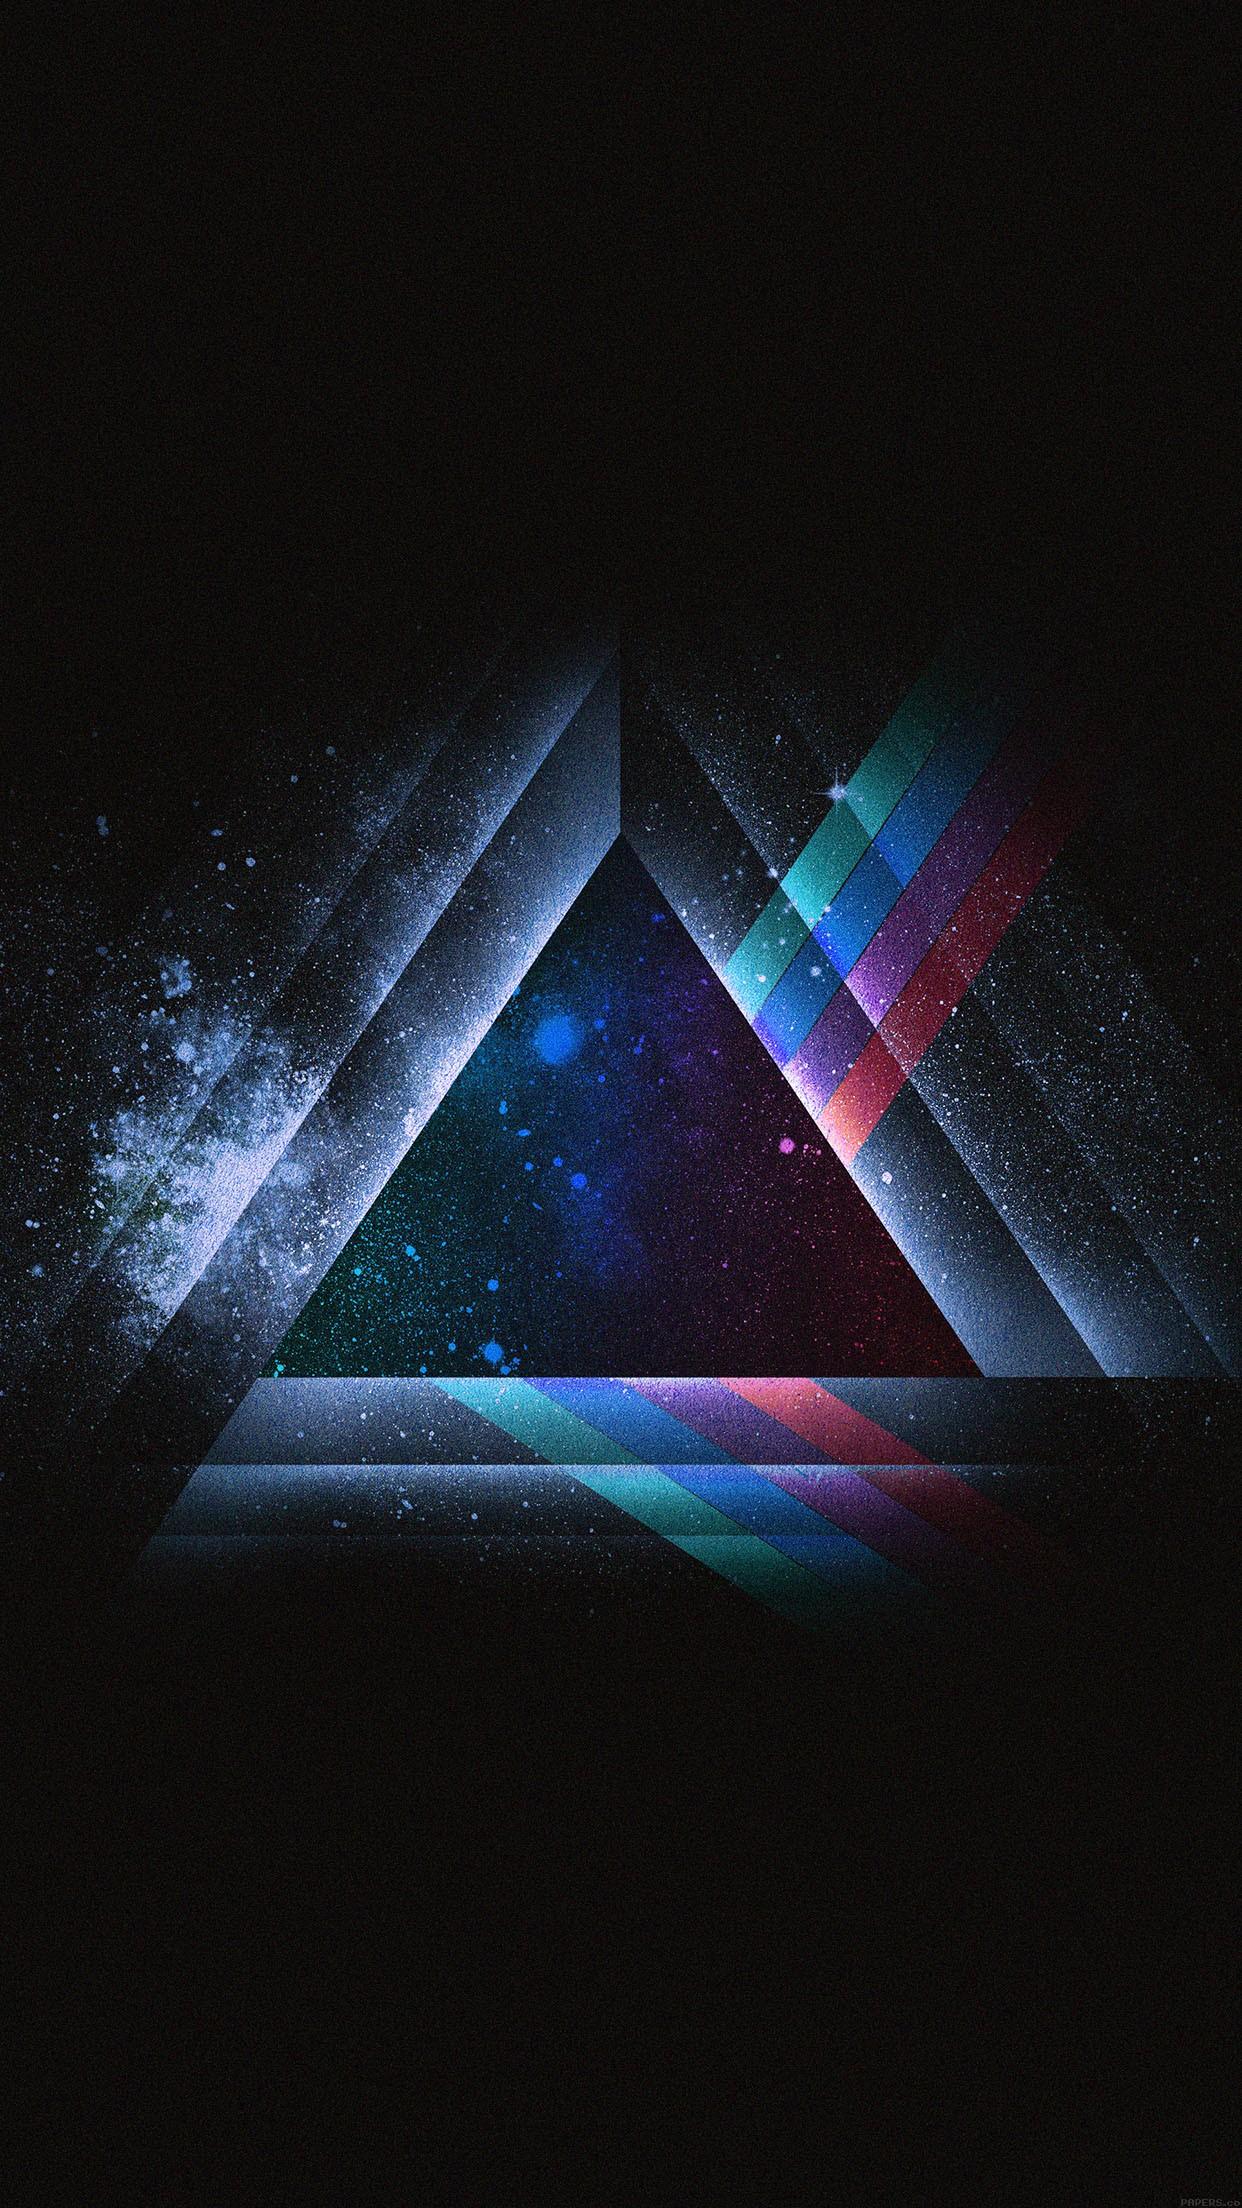 illuminati triangle wallpaper hd - photo #13